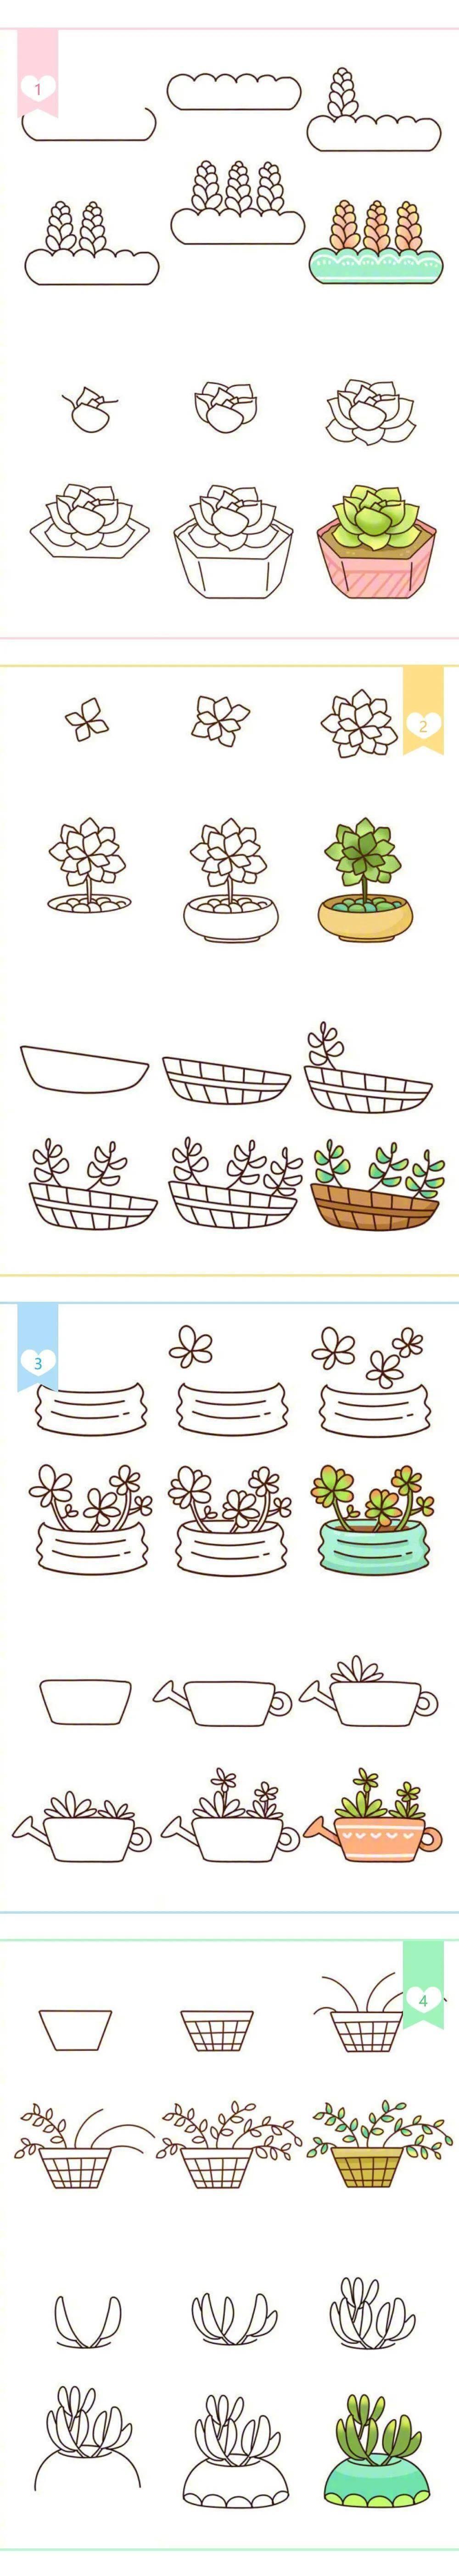 【简易画教程】植物盆栽简易画